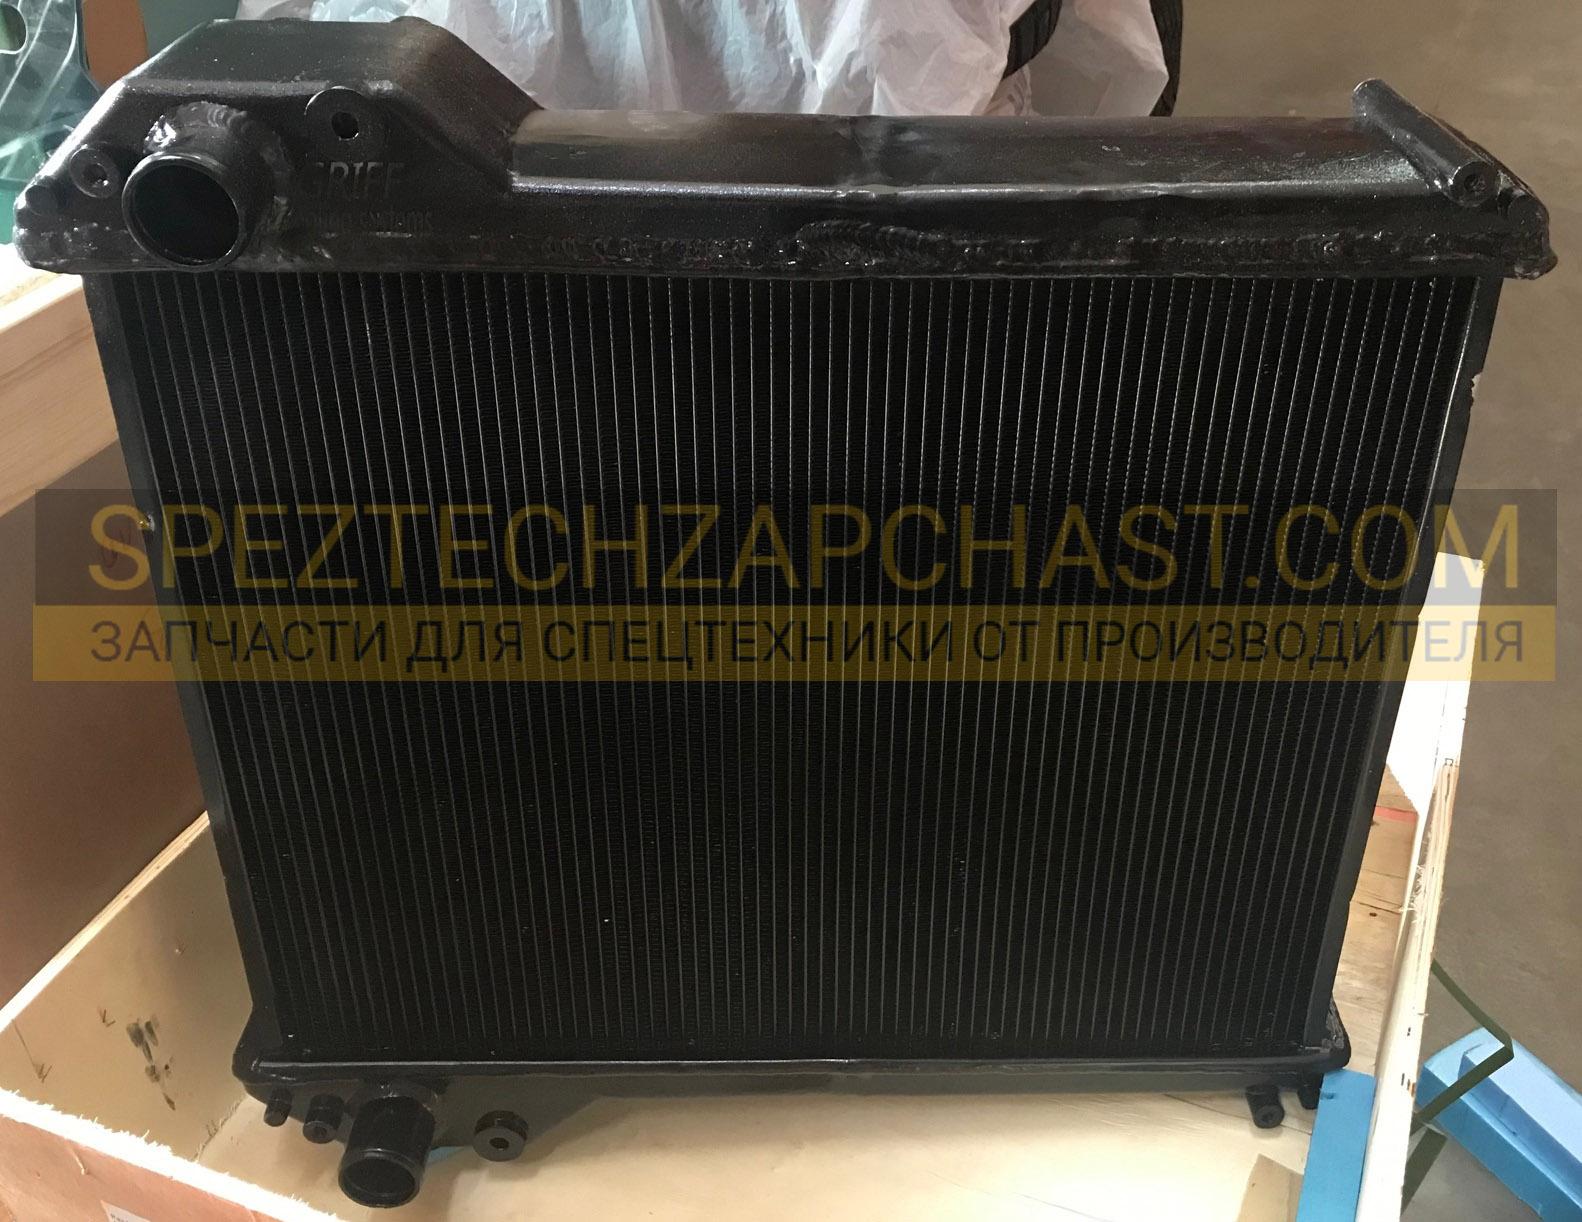 Радиатор водяной 30/925627/332/G3762/128/G1543/30/915200/332/G3691/30/926051/332/C8731